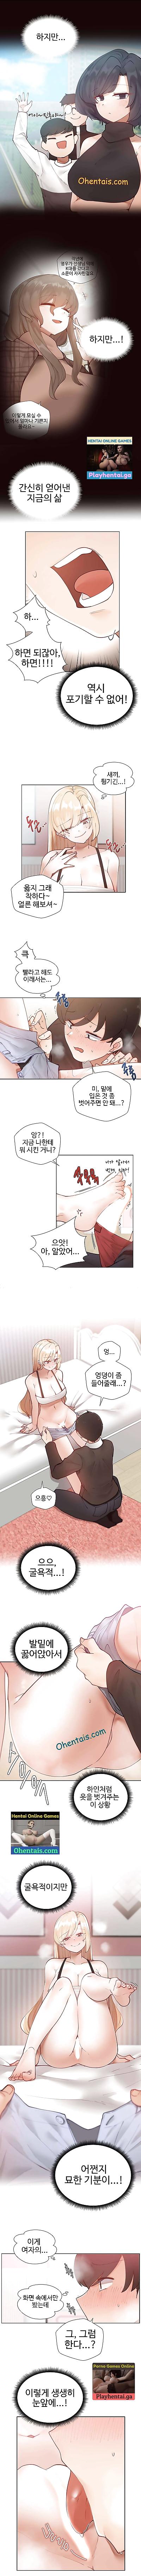 일진녀 과외하기 - ILJINNYEO TUTORING Ch.3 Korean